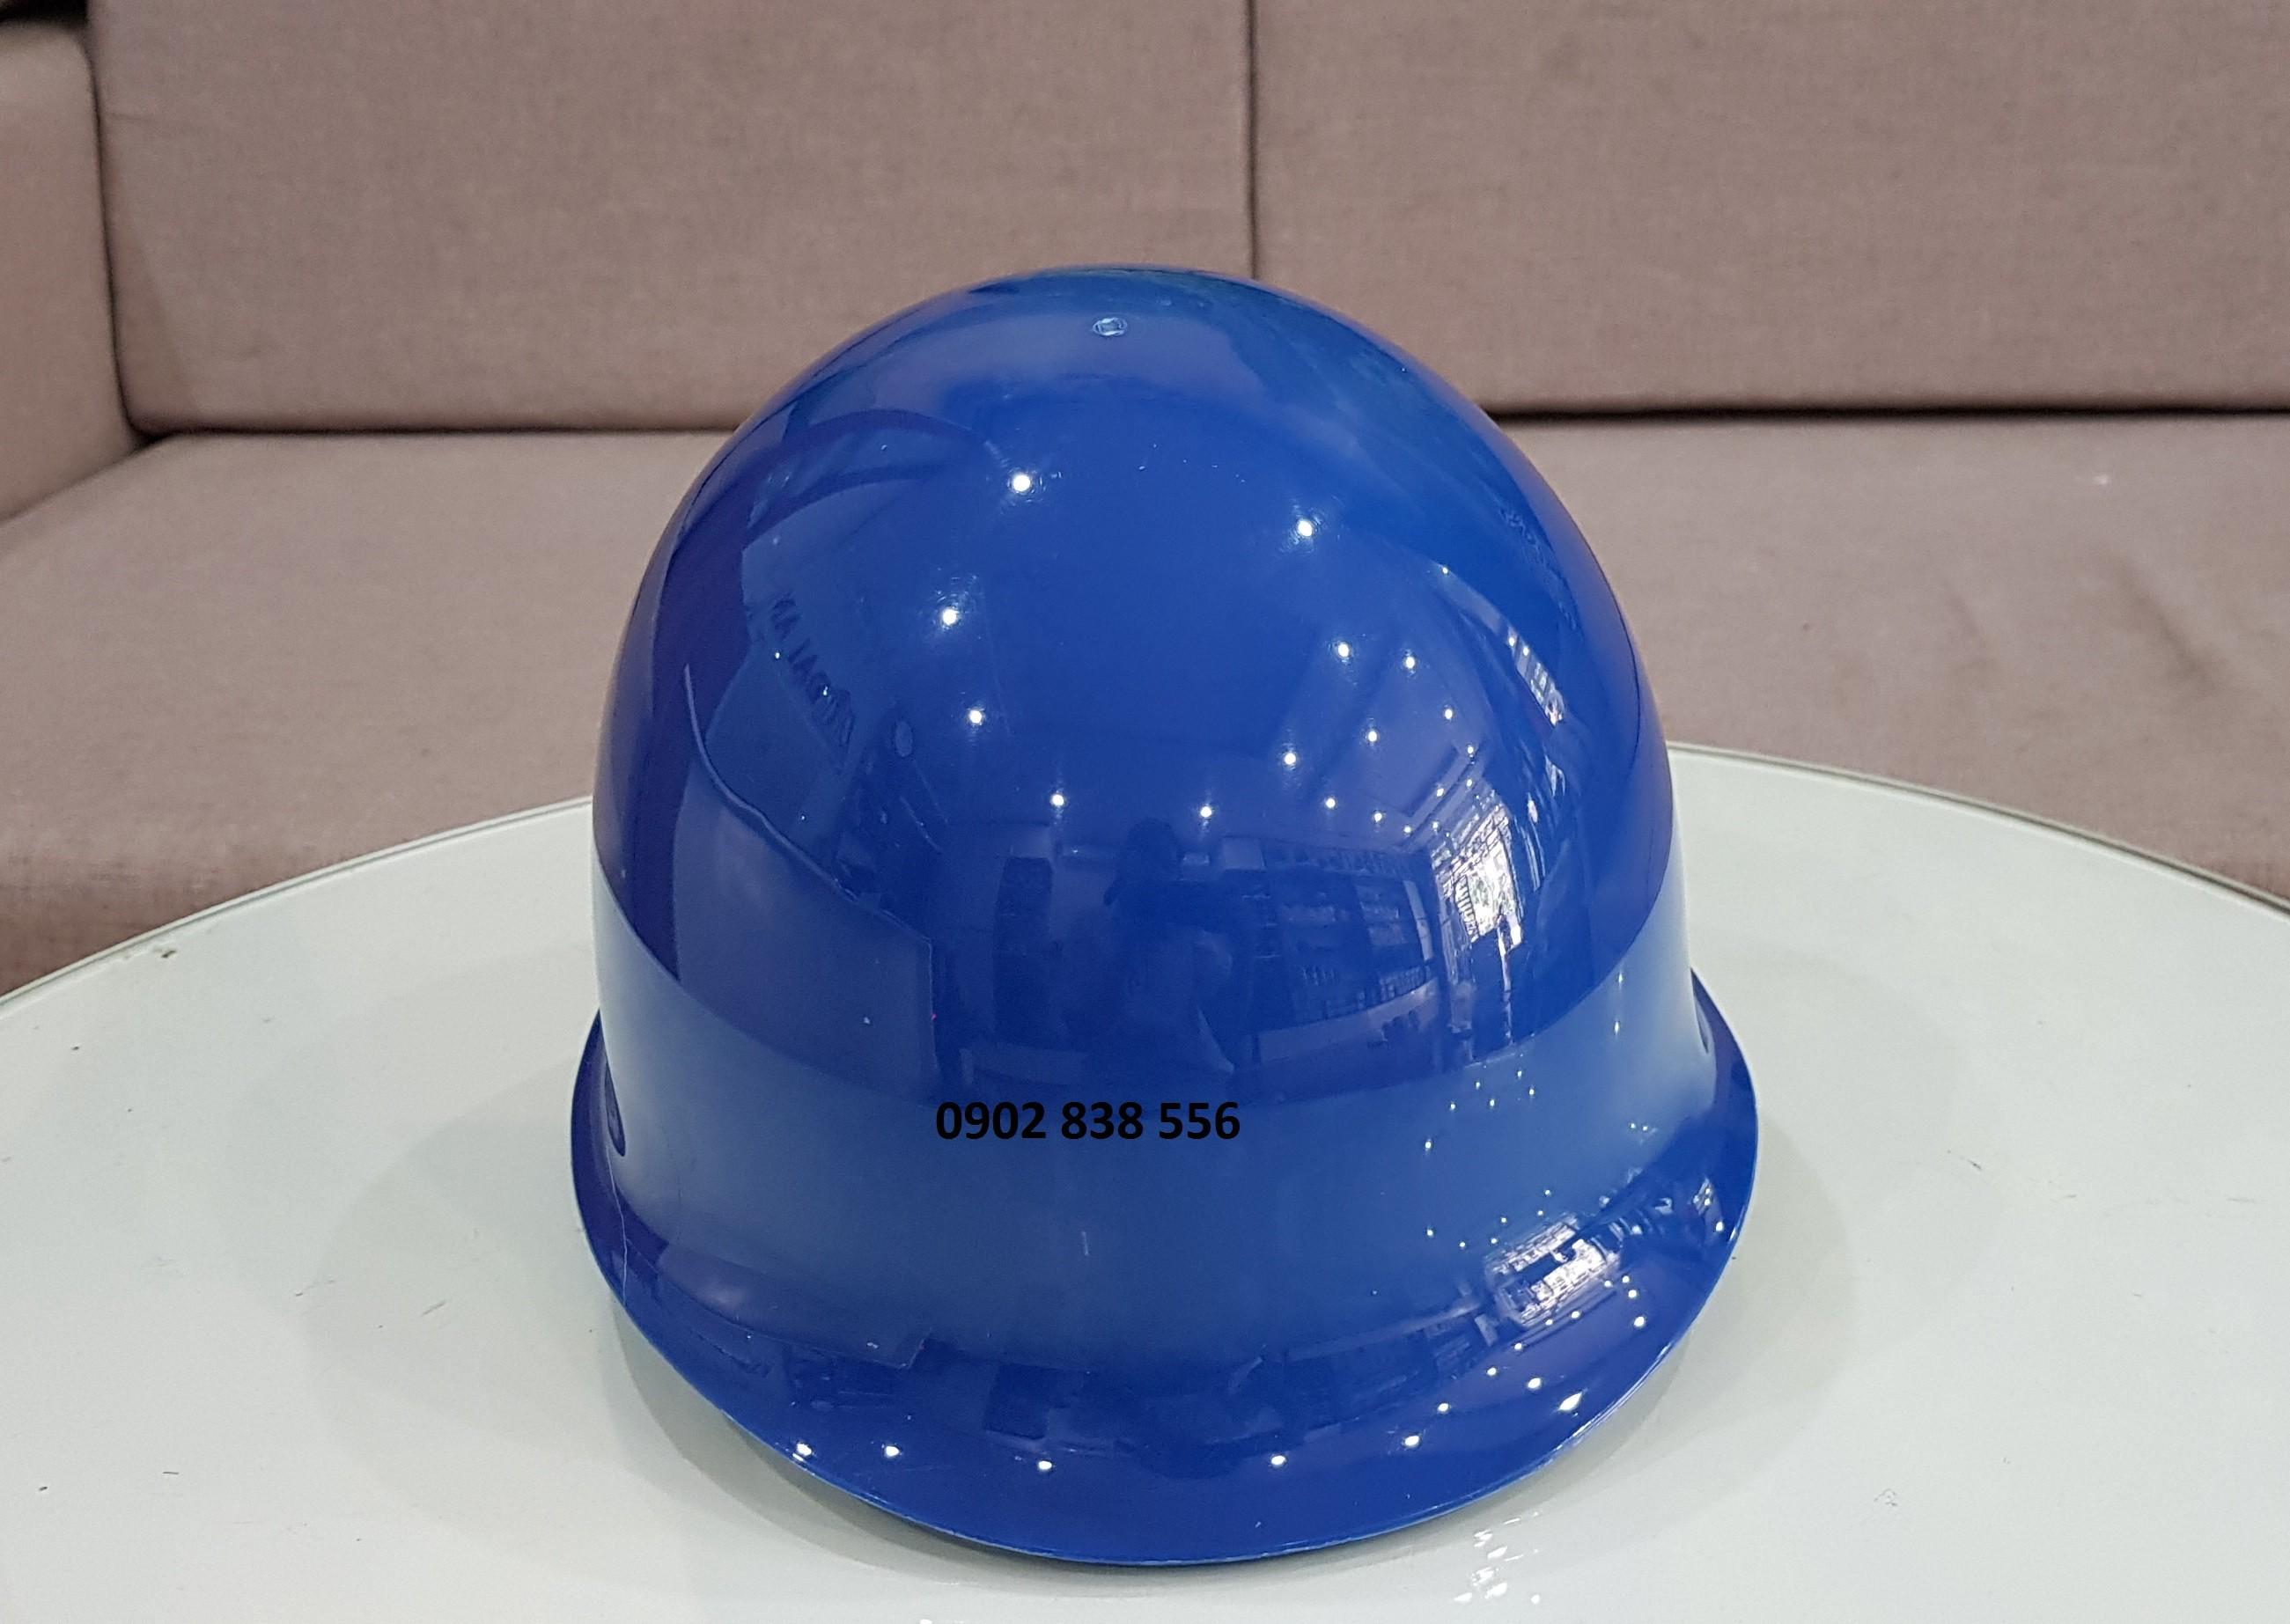 Hình ảnh Giảm giá - nón bảo hộ lao động kiểu nhật , màu xanh dương - hình thật - hàng sẵn